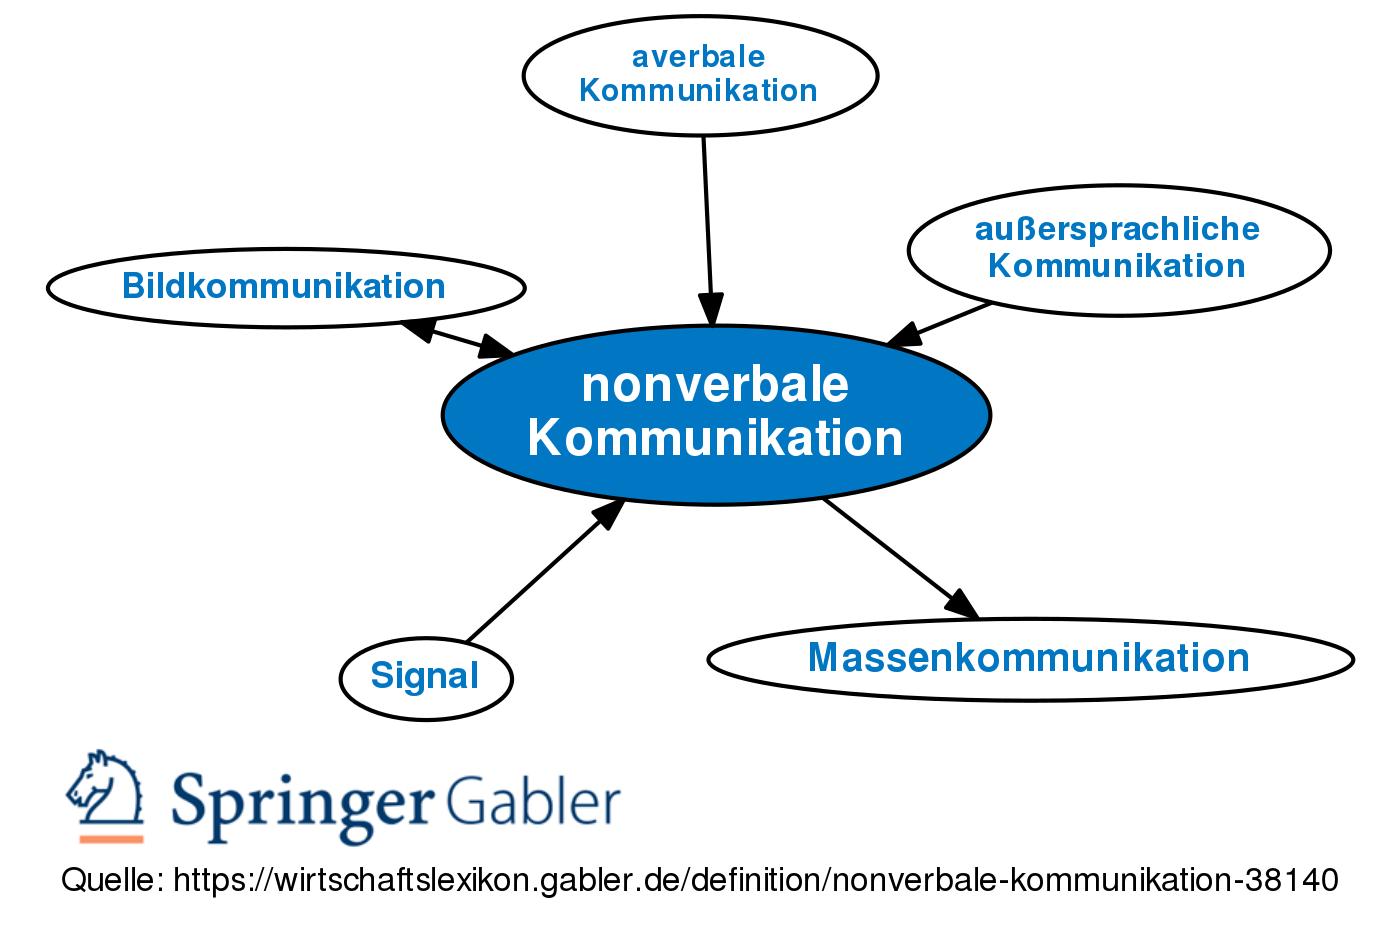 Nonverbale Kommunikation Definition Gabler Wirtschaftslexikon